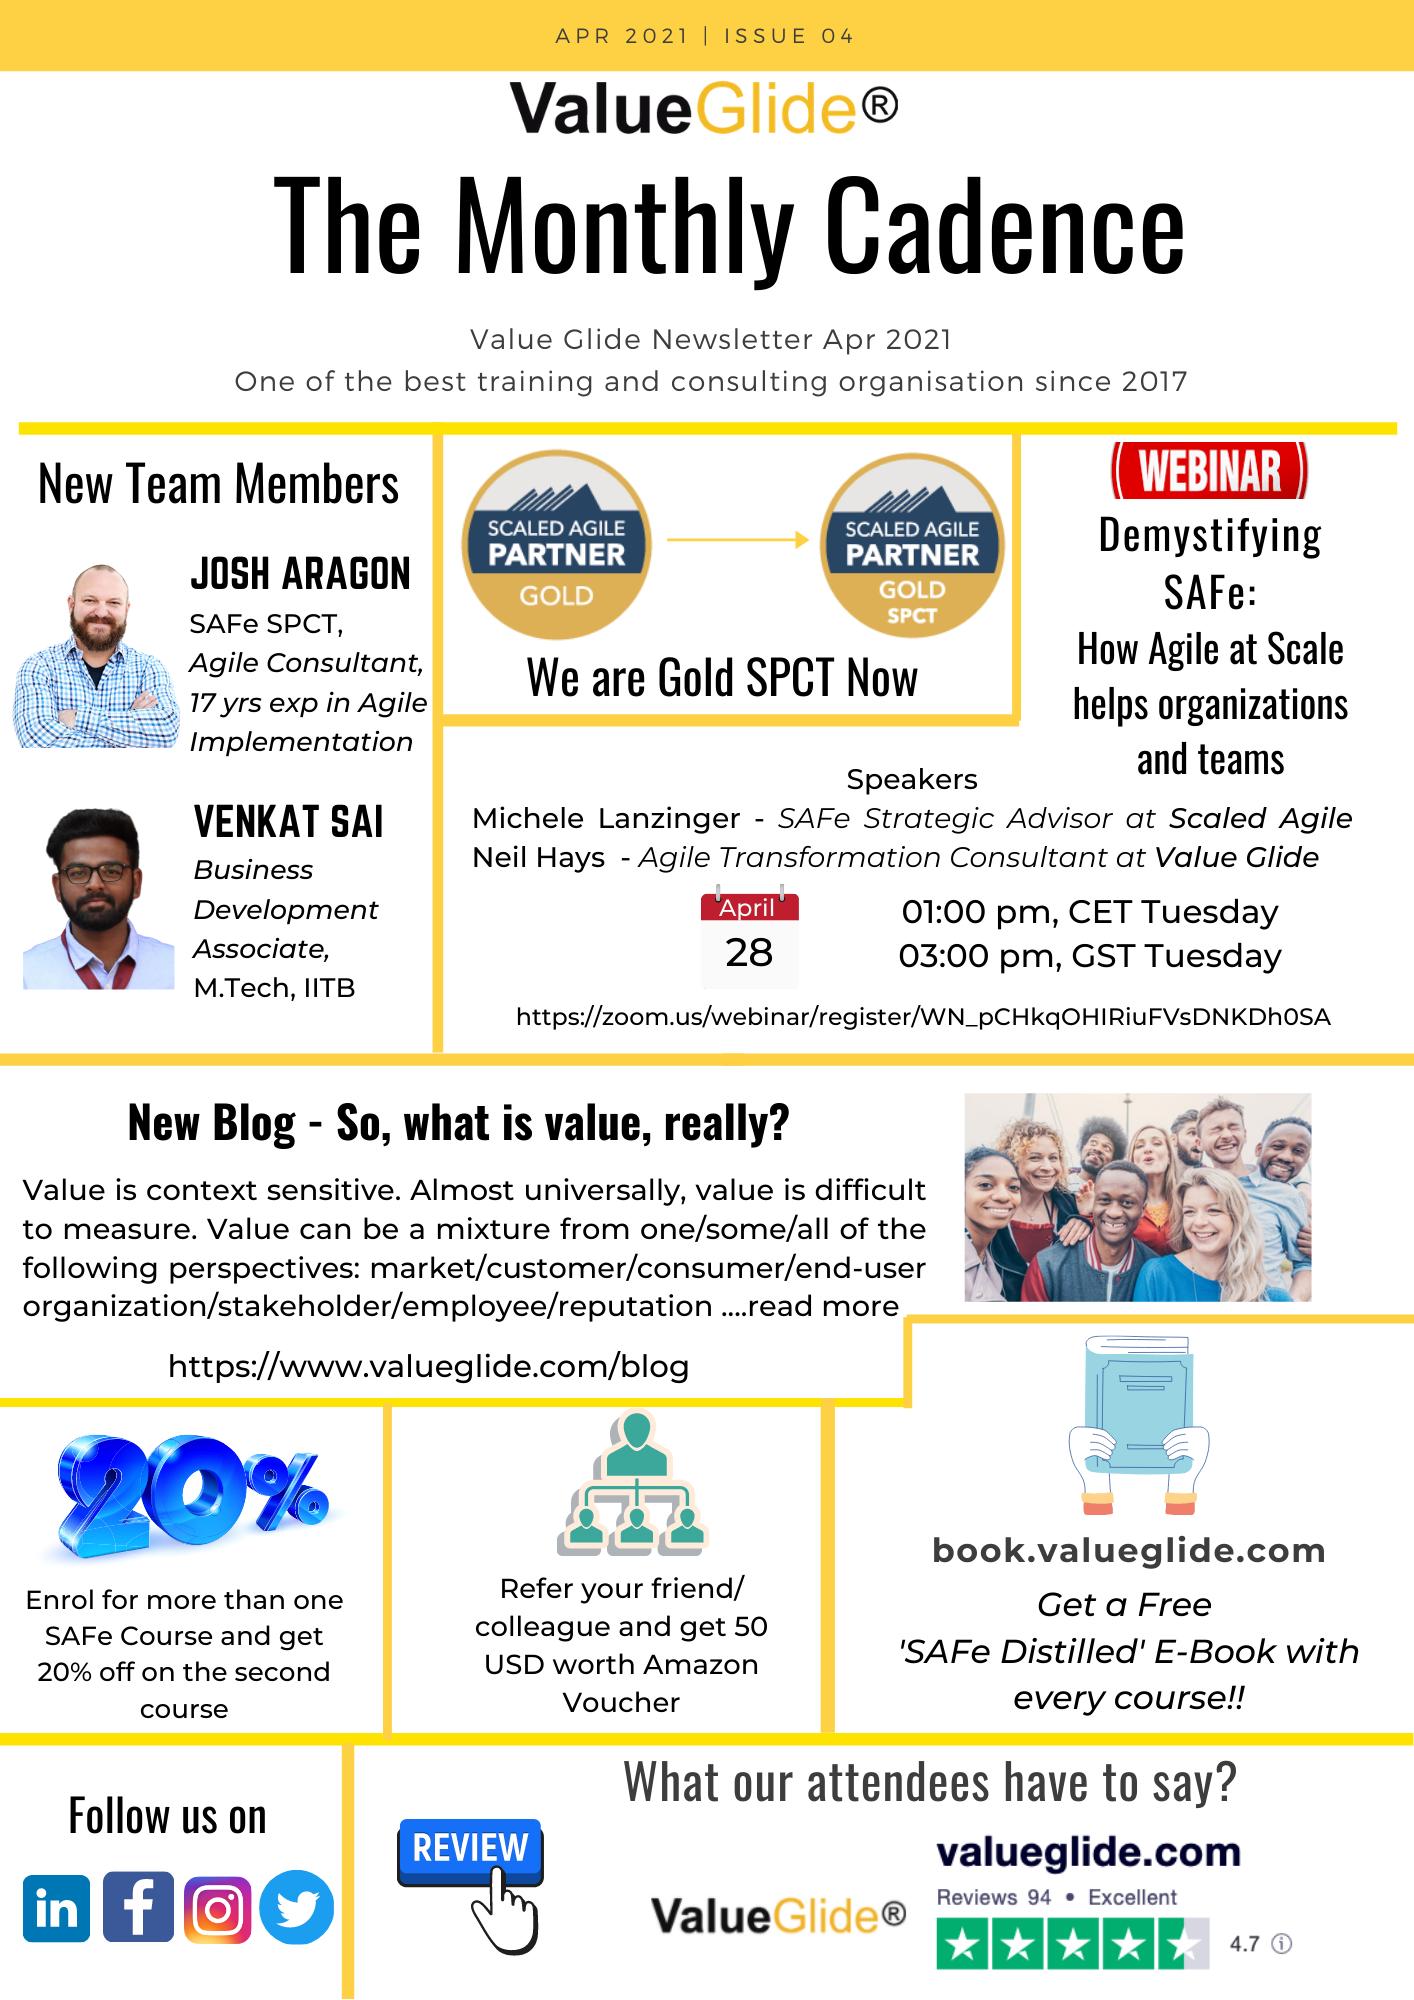 VG NewsLetter Apr